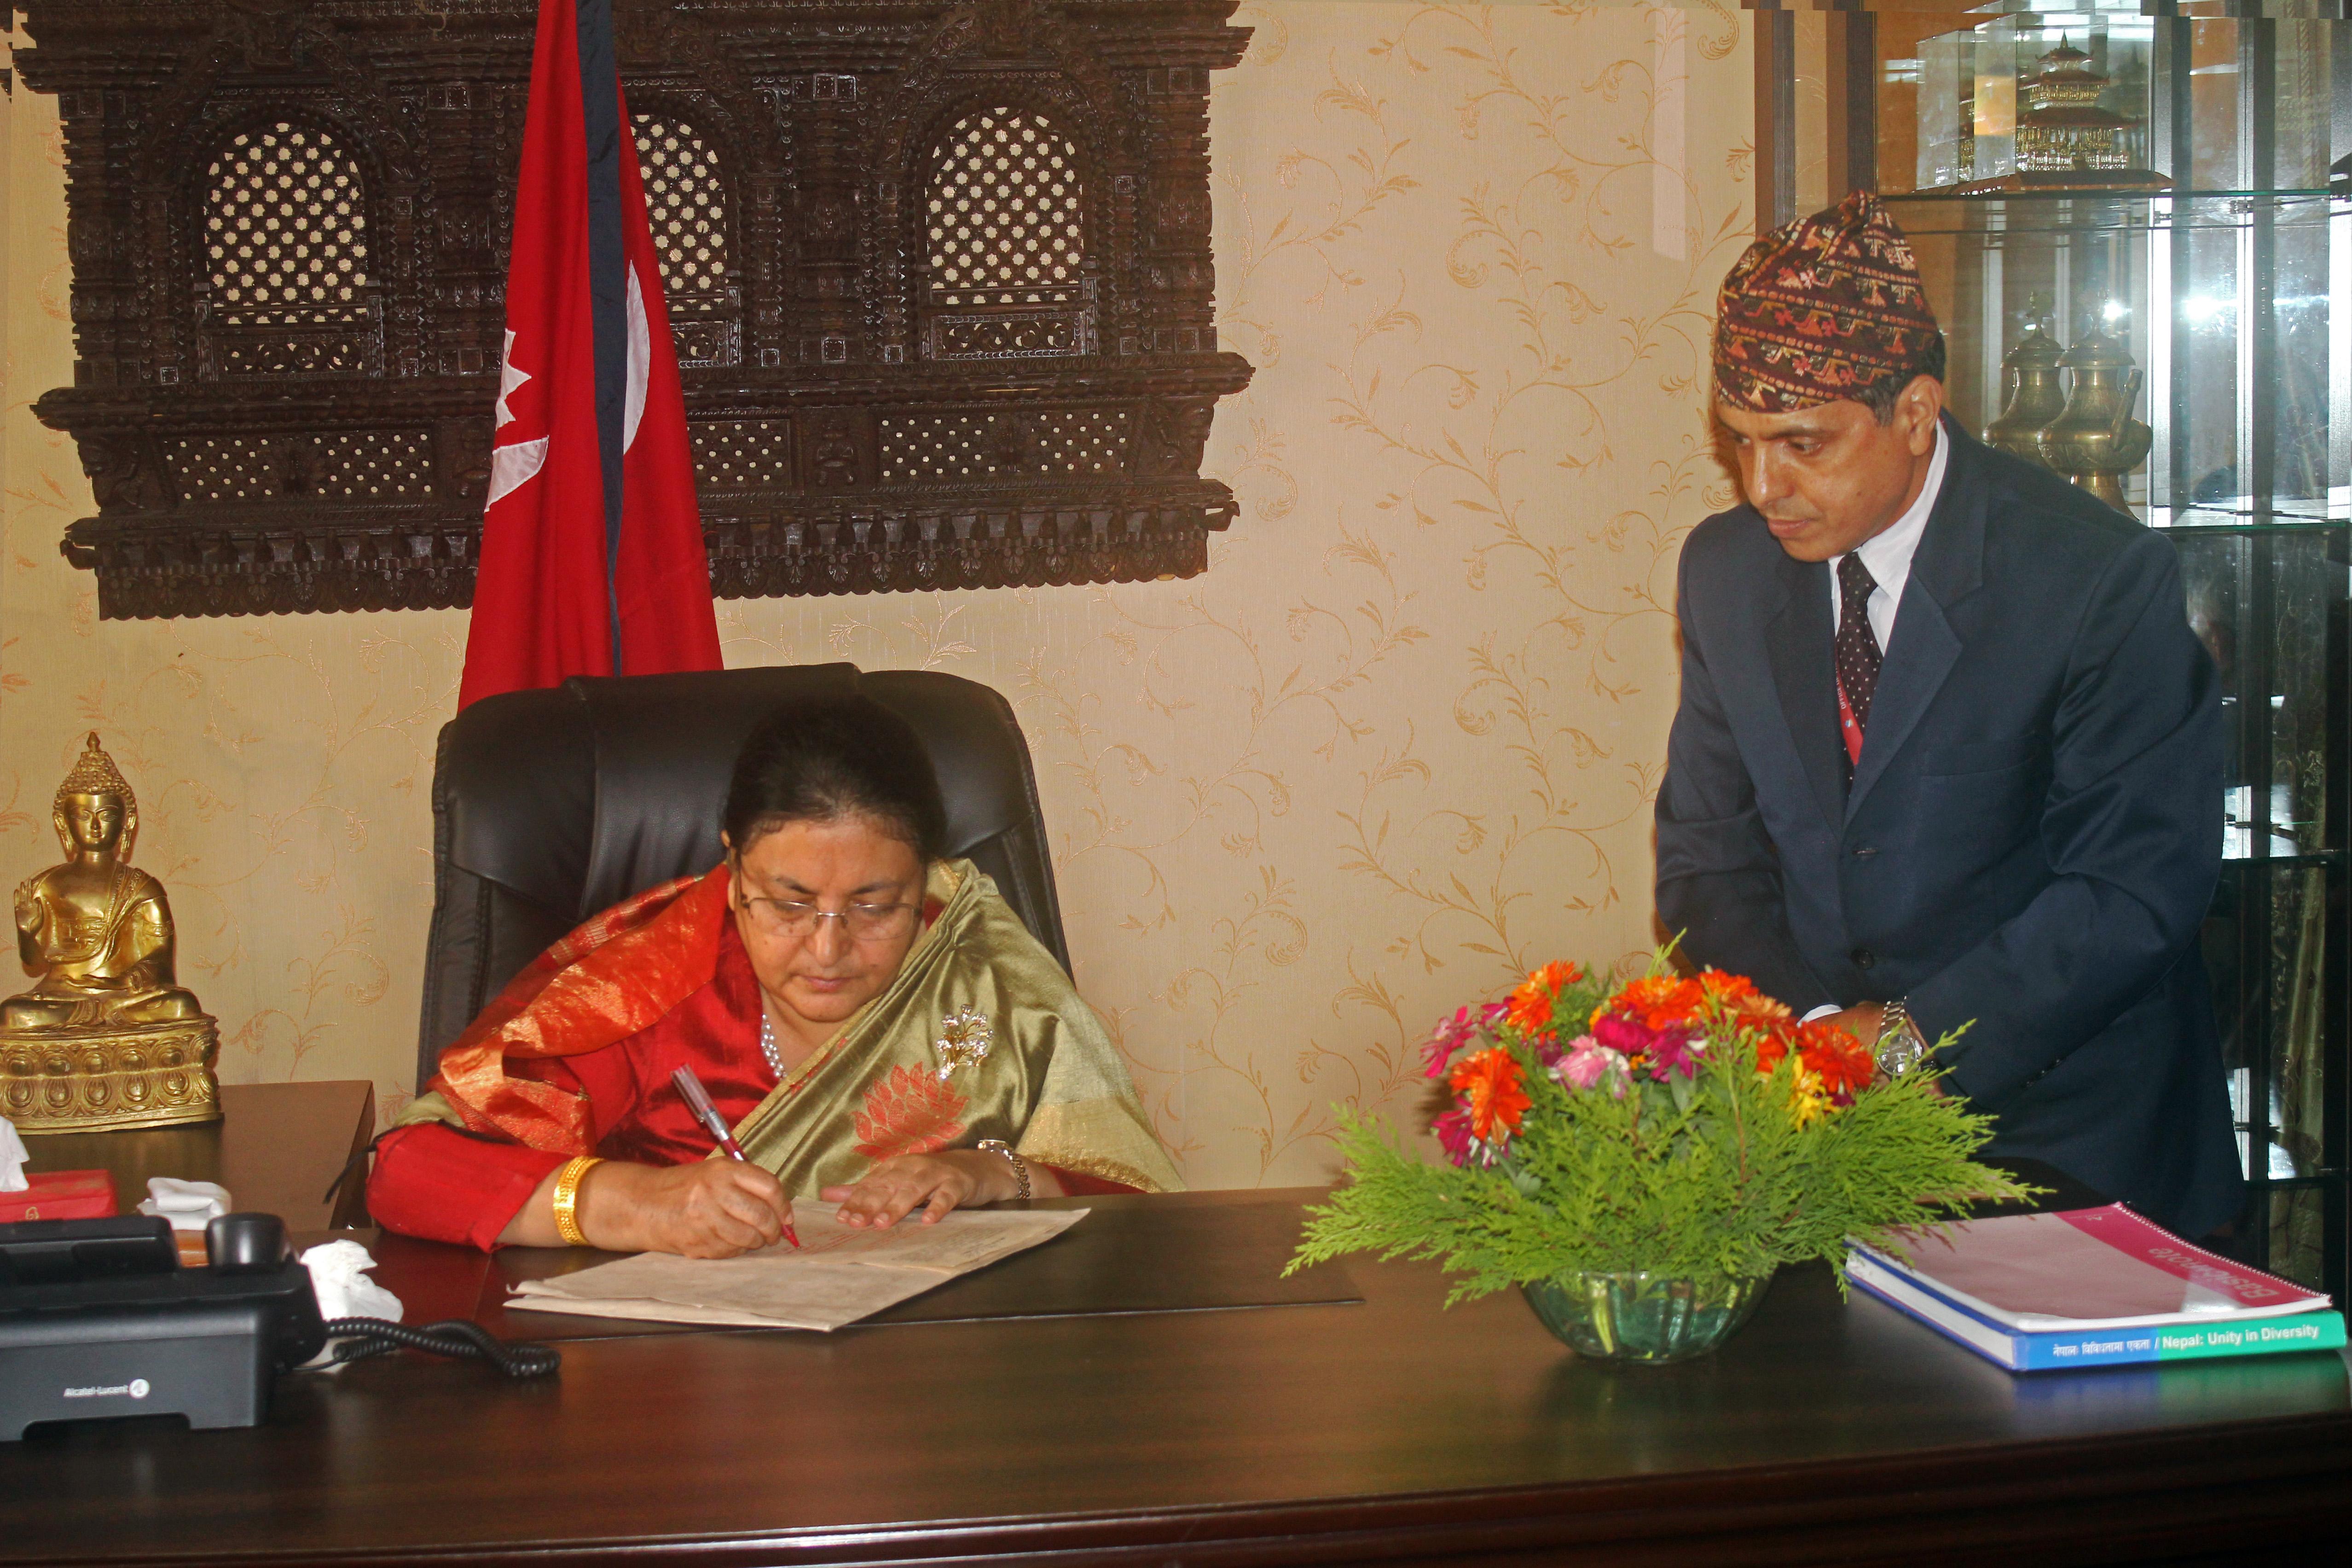 President Bidya Devi Bhandari authenticates Bill of Election of Members of House of Representatives and Election of Members of Provincial Assembly in Kathmandu, on Thursday, September 7, 2017. Photo: President's Office